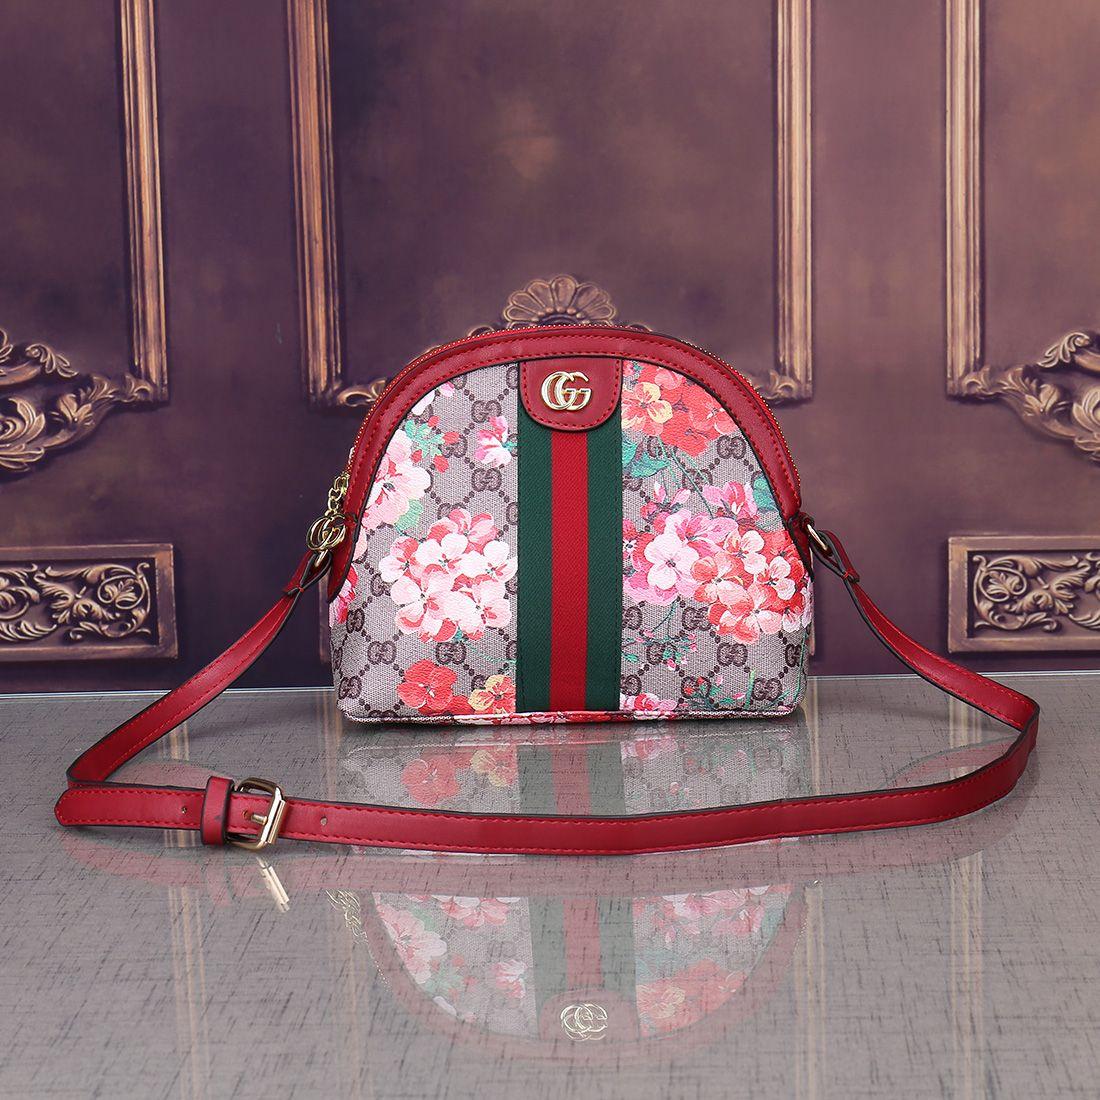 PU Designer en cuir Sacs à main épaule élégante Trunk Solide Couleur Femme Totes Sacs Femme Classique épaule élégante